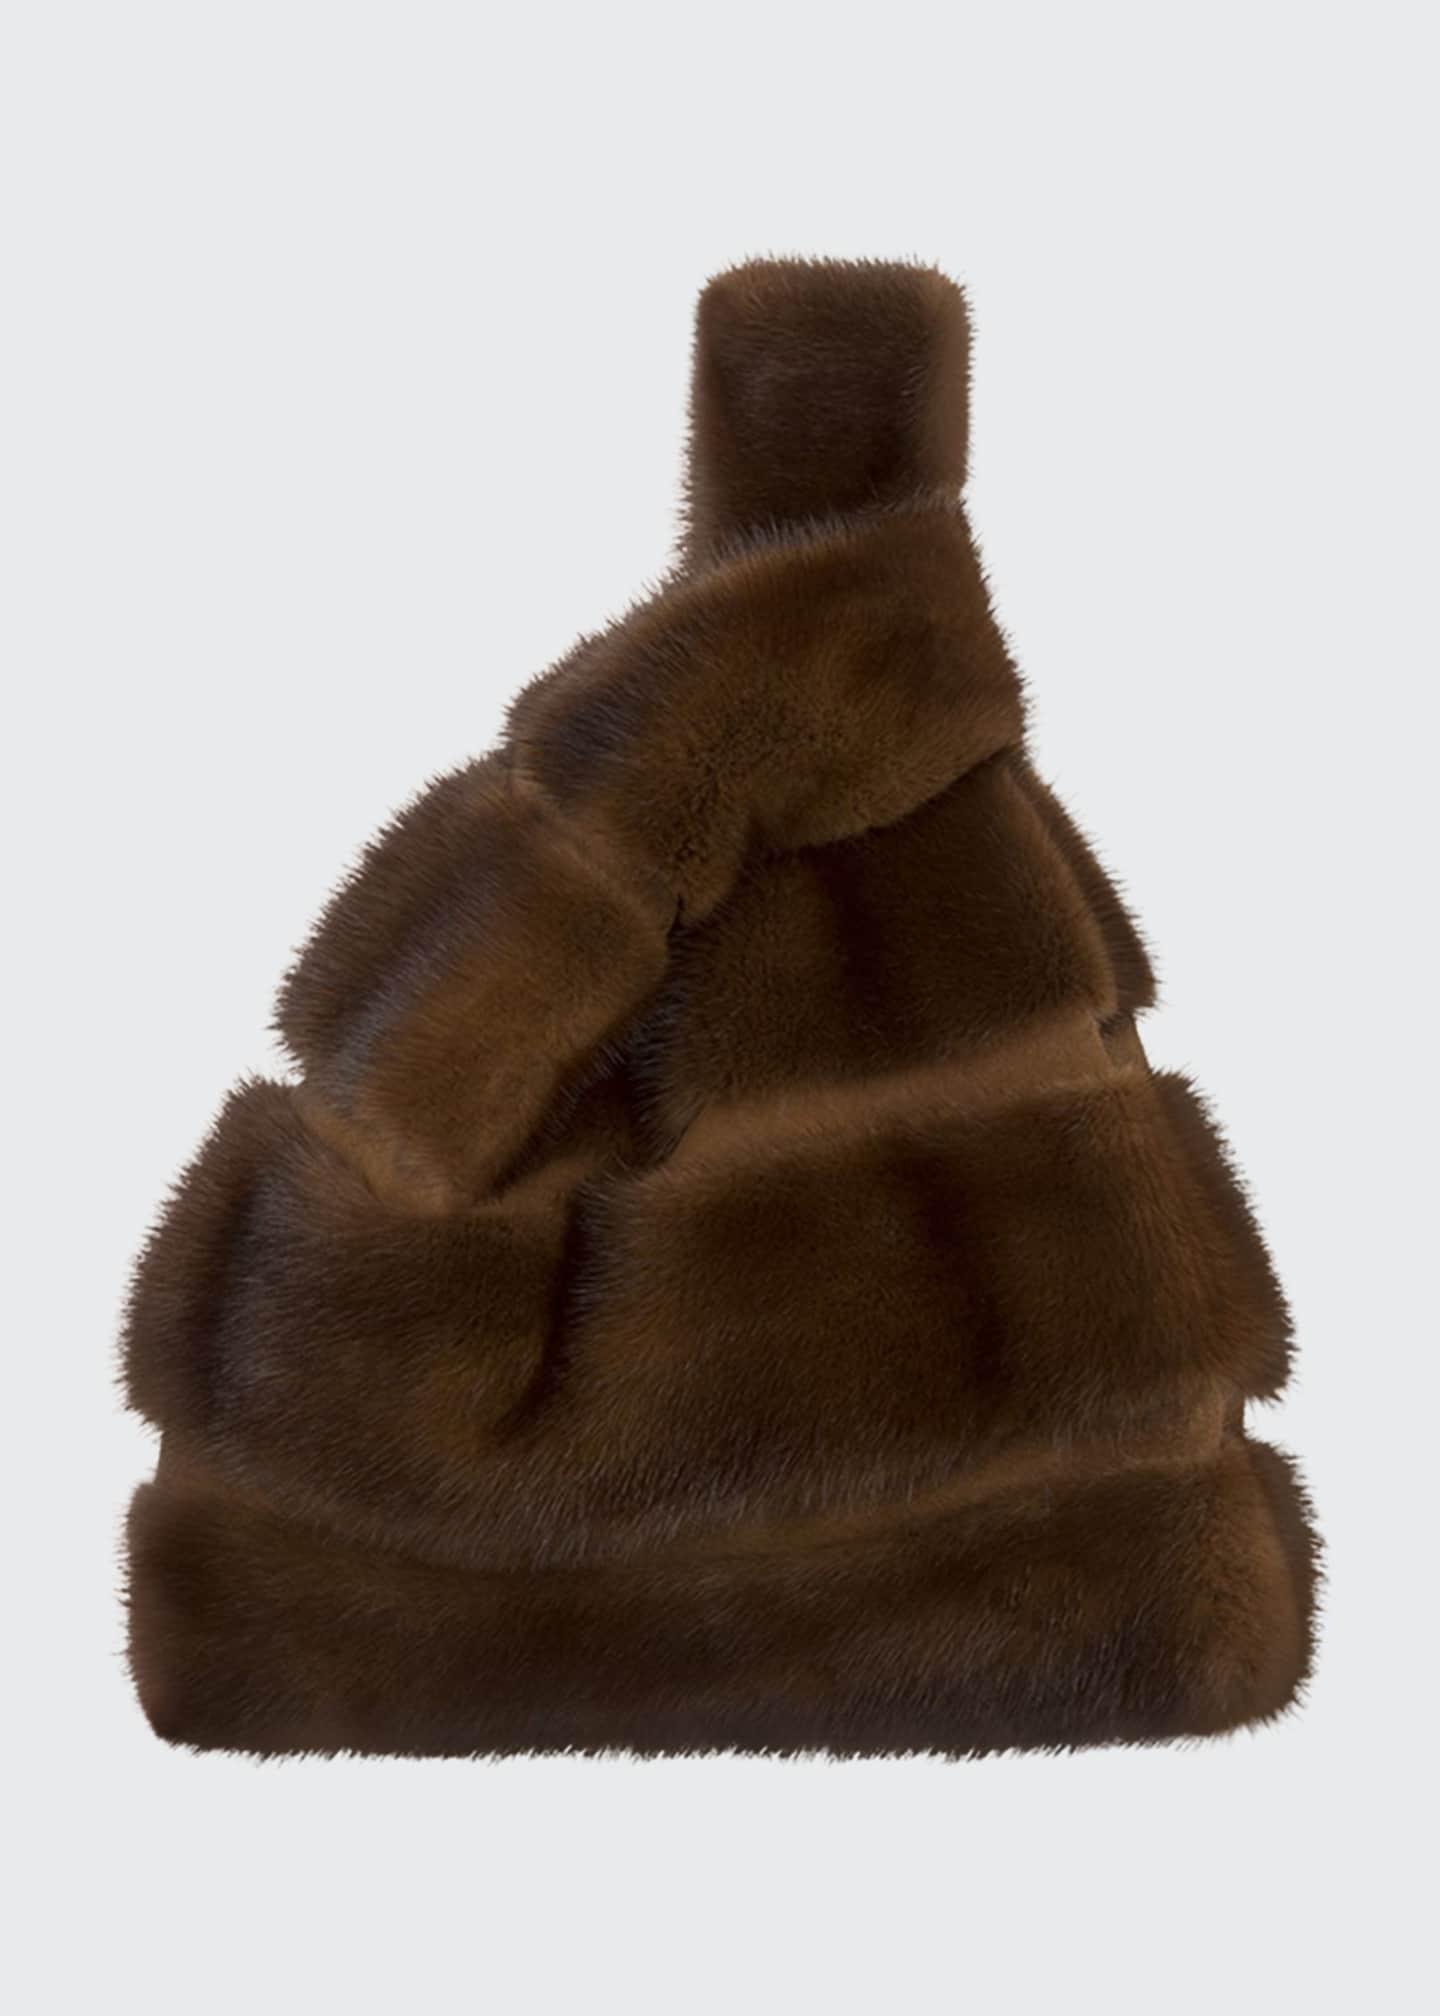 Simonetta Ravizza Furrissima FD Mink Fur Striped Tote